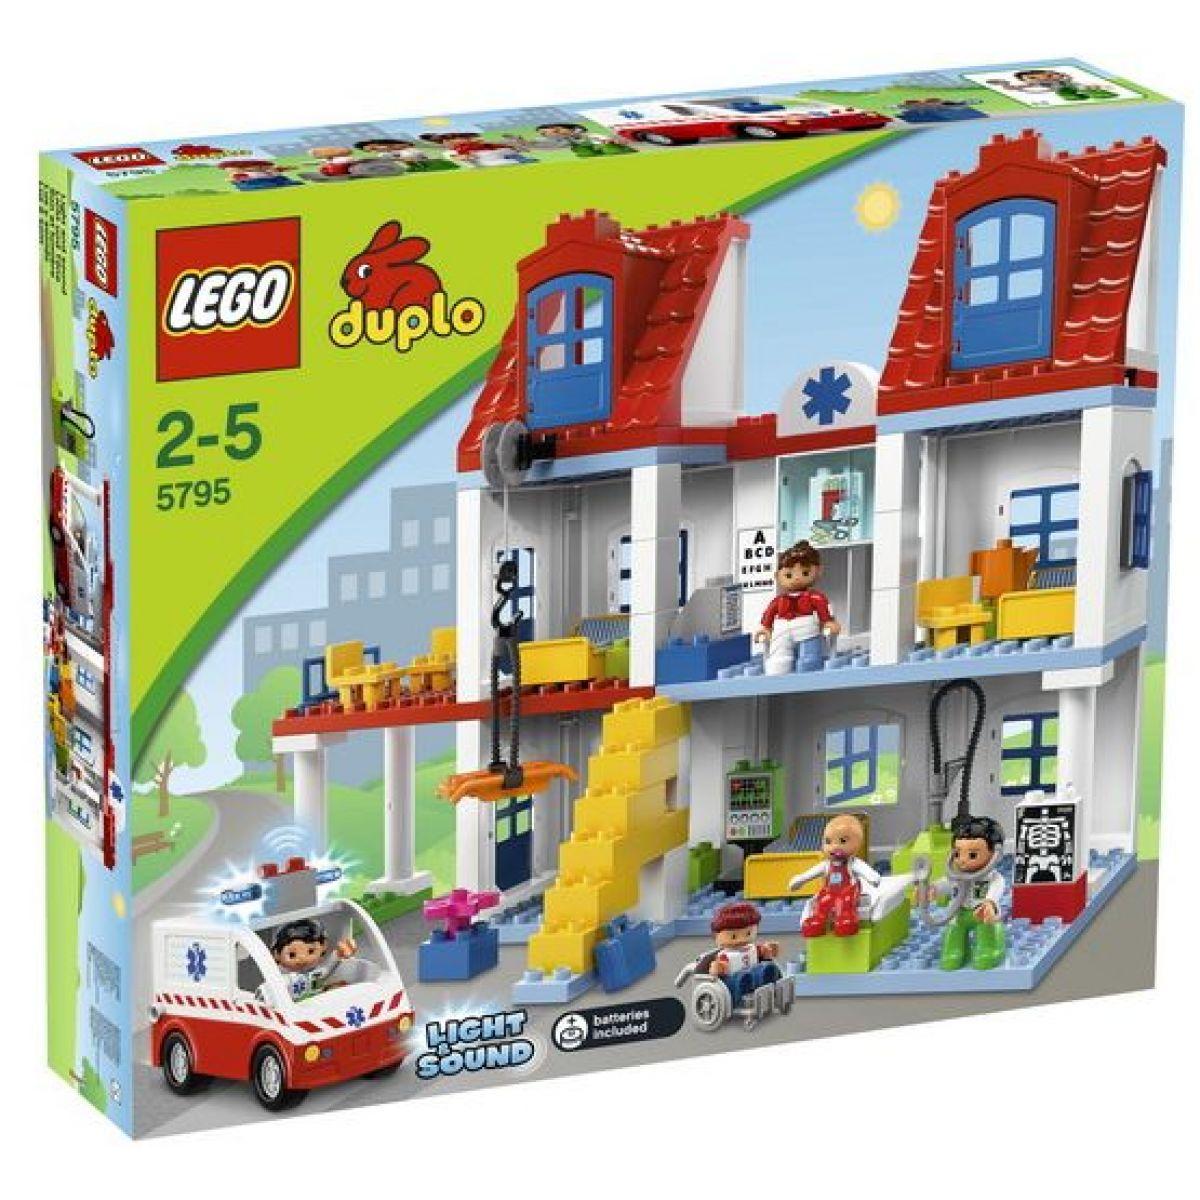 LEGO DUPLO 5795 Velká městská nemocnice